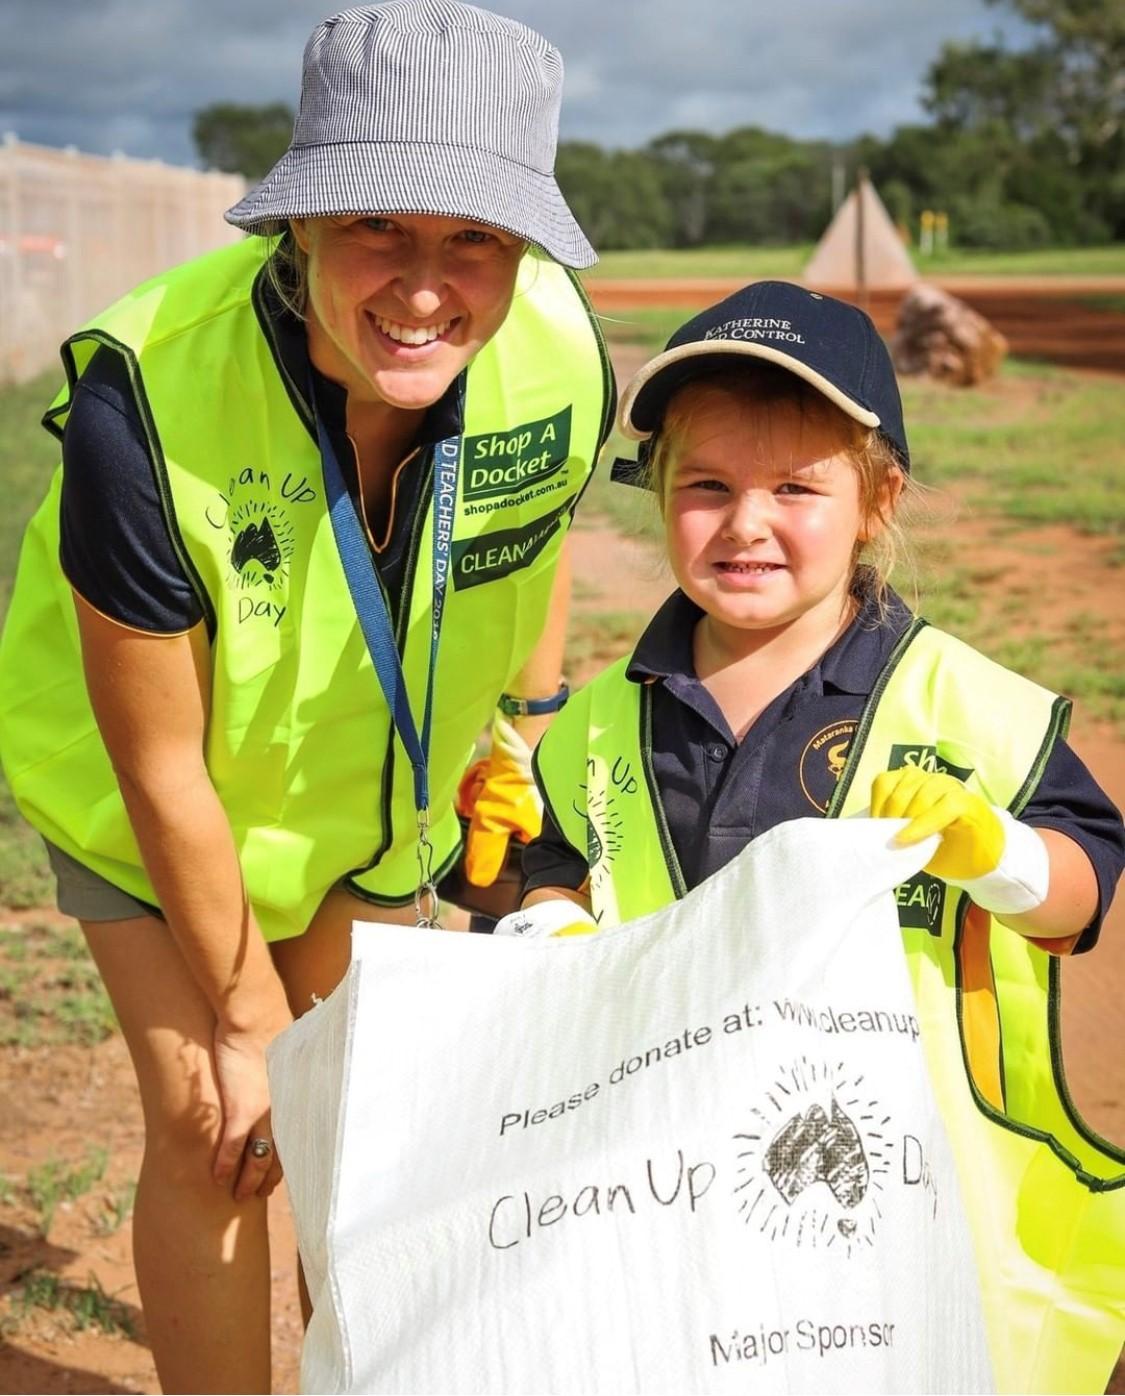 Image: GNCU volunteers